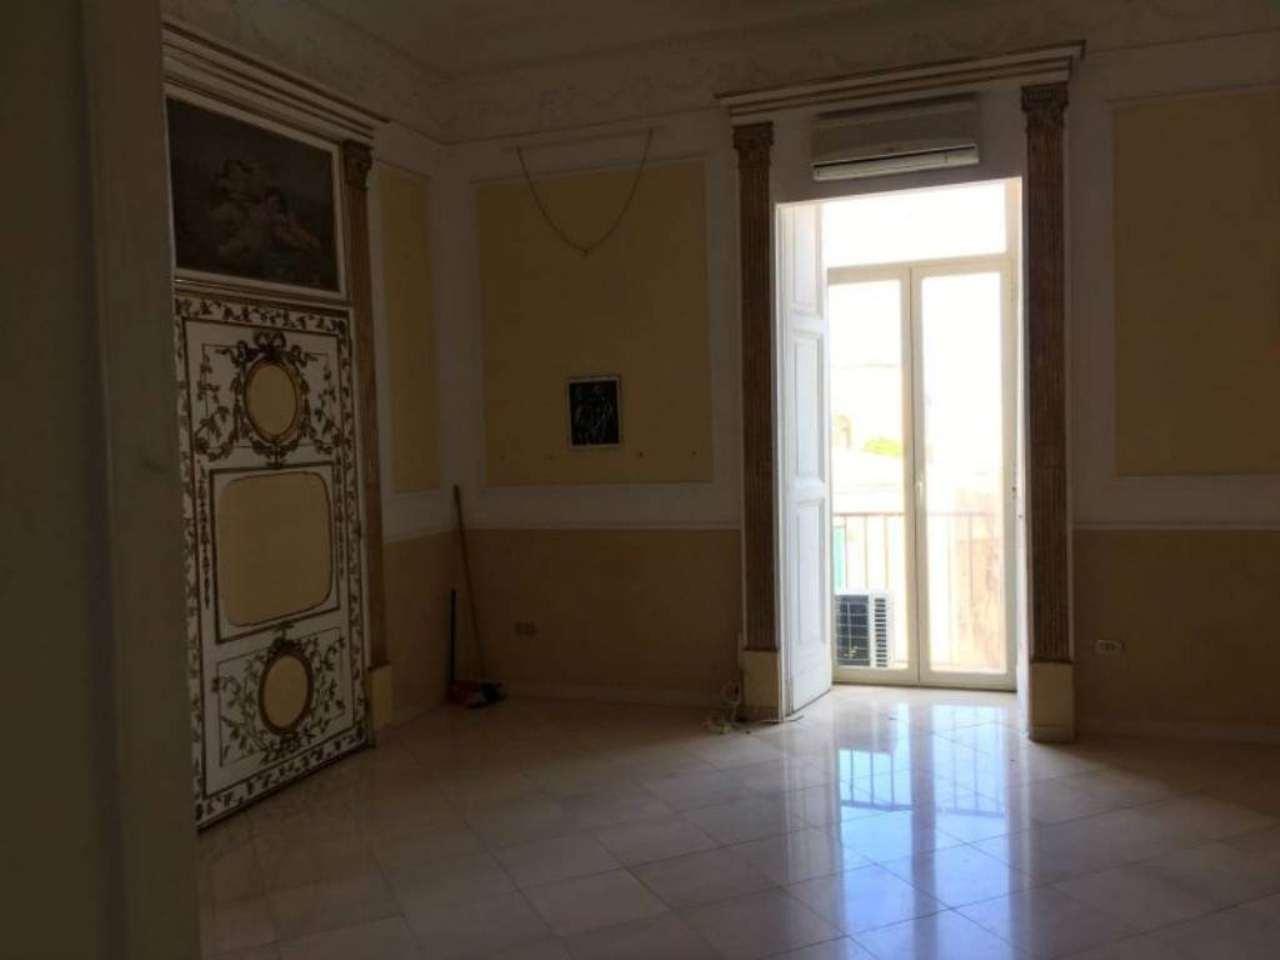 Loft / Openspace in affitto a Napoli, 2 locali, zona Zona: 1 . Chiaia, Posillipo, San Ferdinando, prezzo € 1.000   Cambio Casa.it